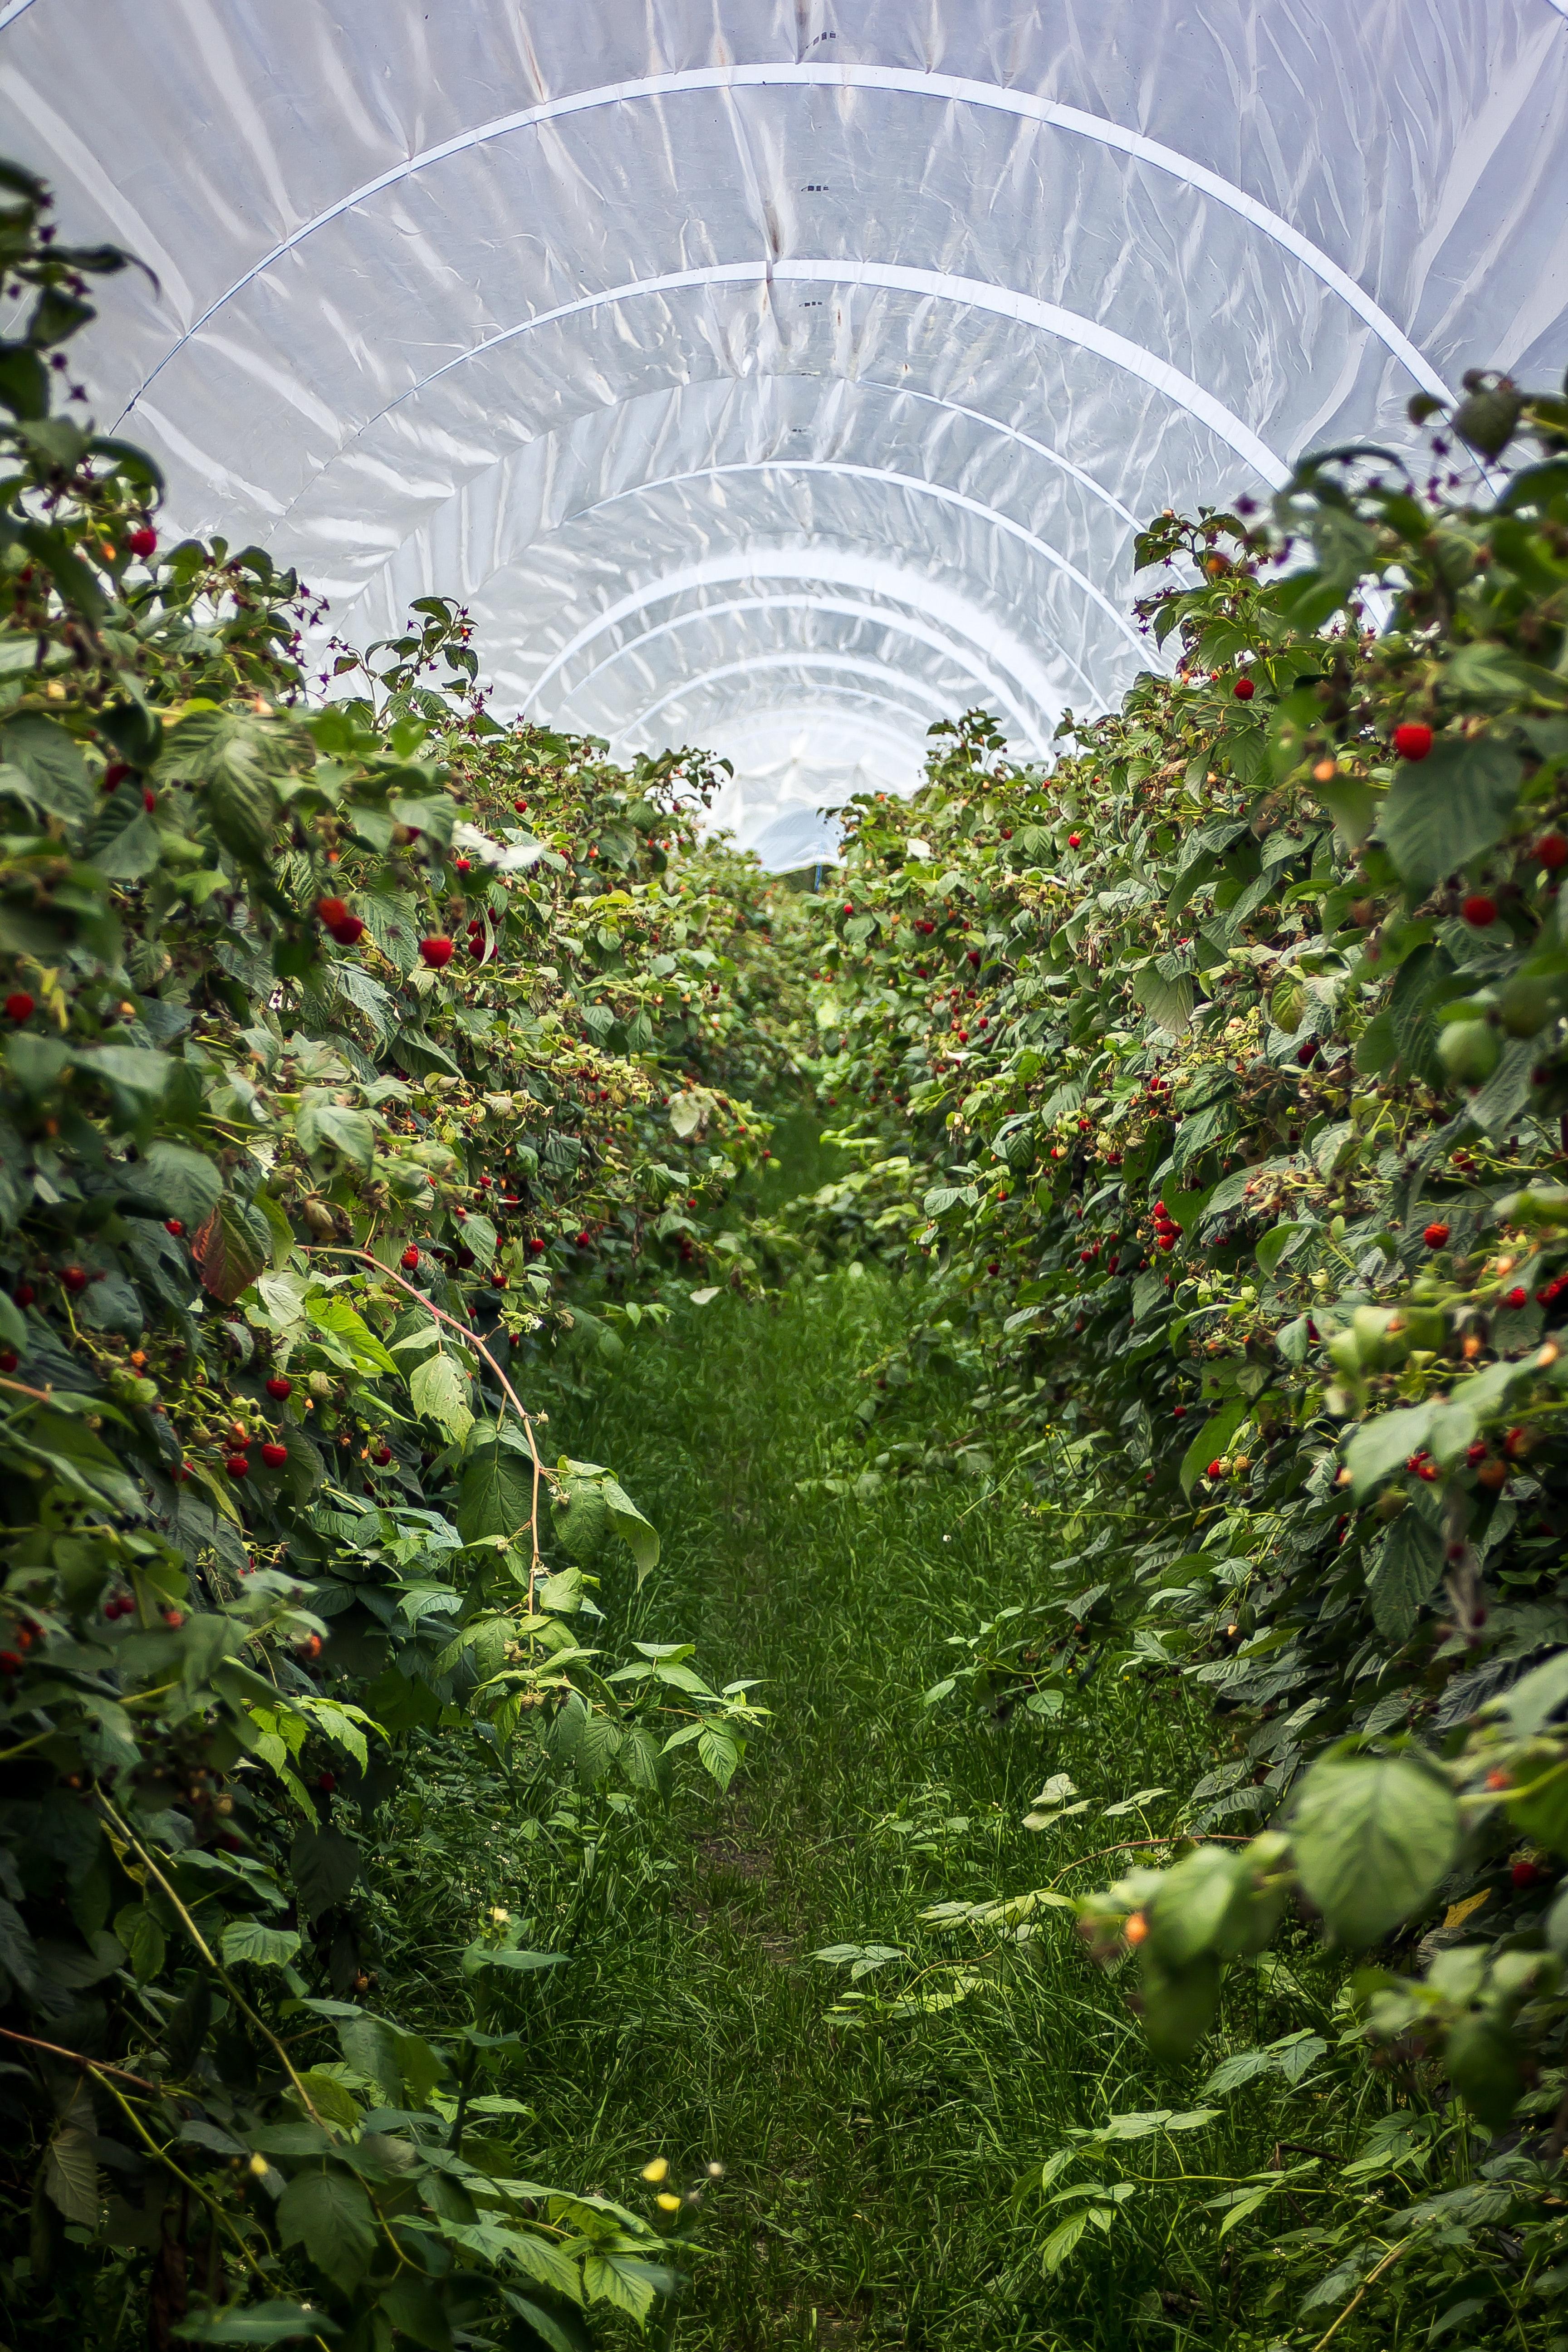 Digital transformation in fresh produce